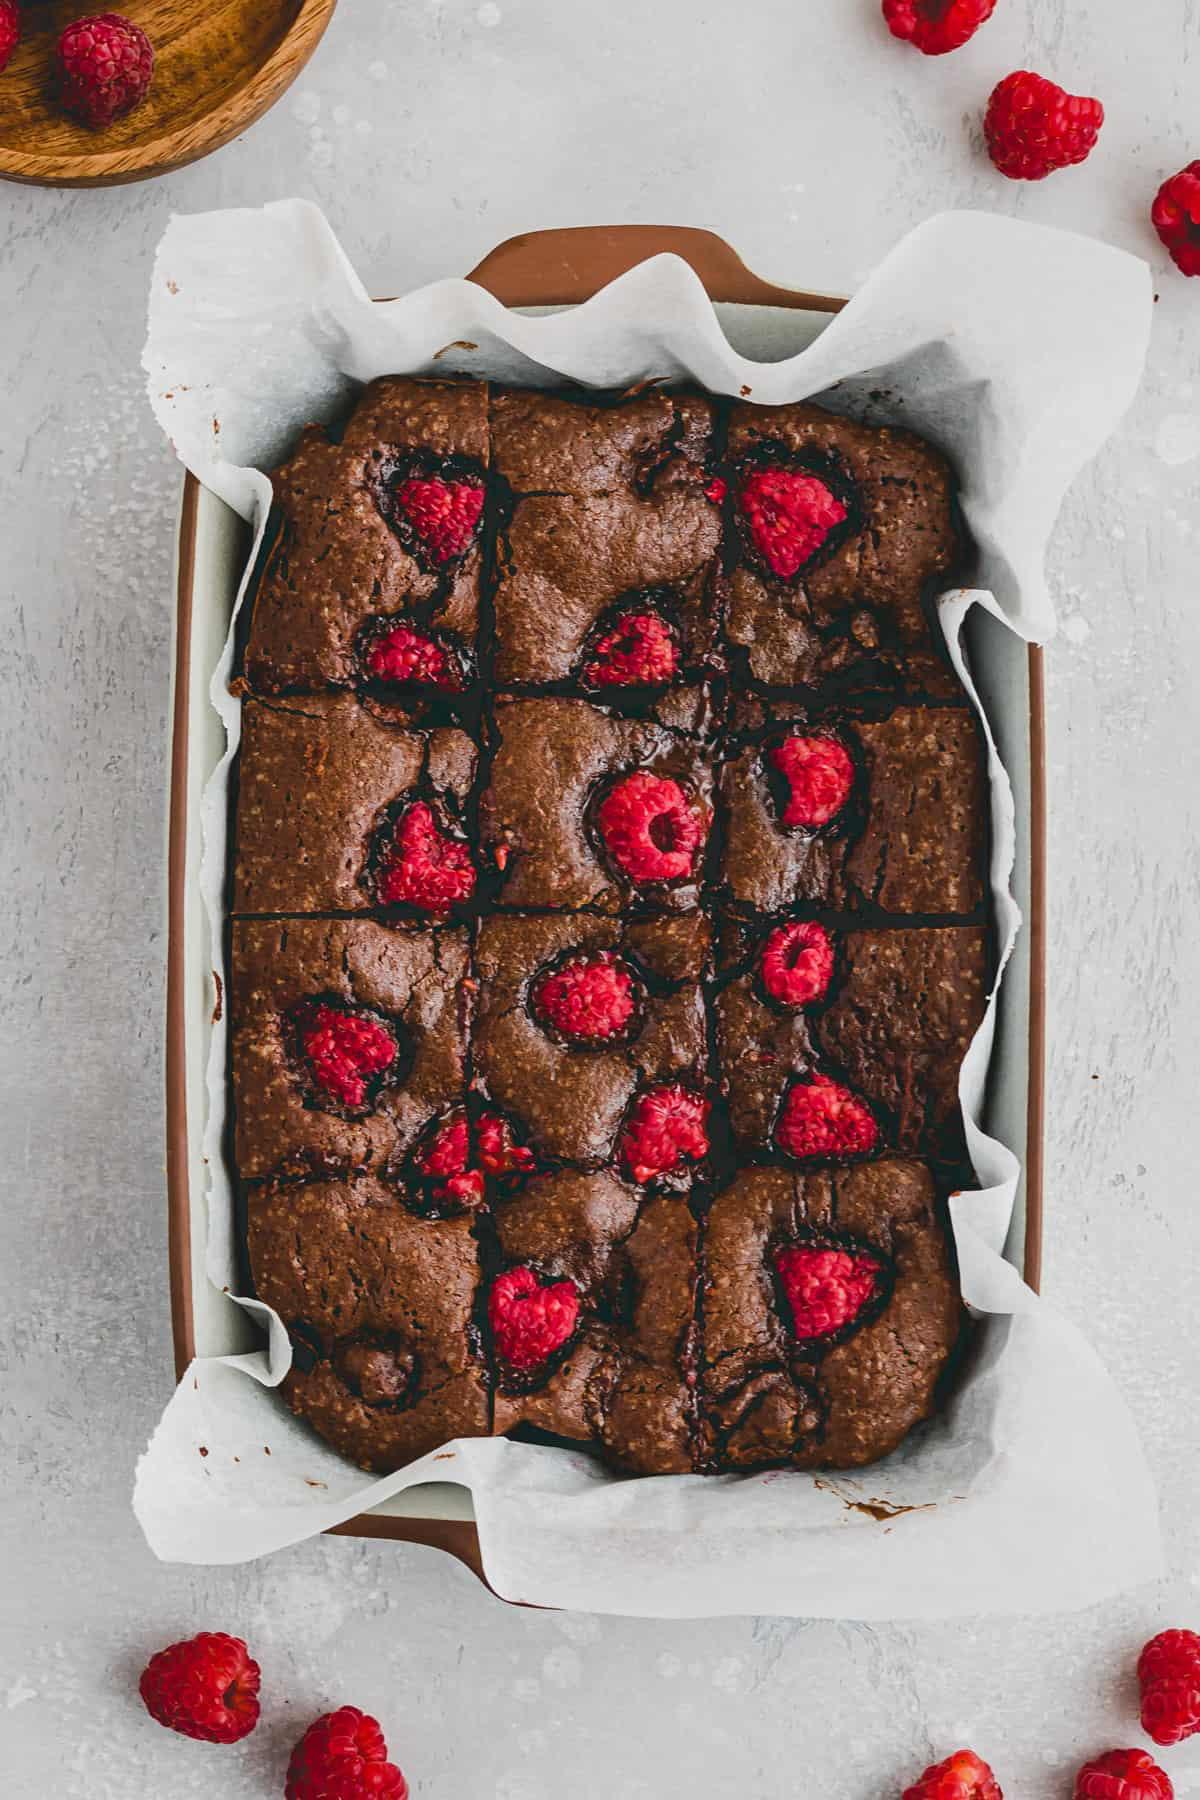 sliced raspberry brownies in a baking pan